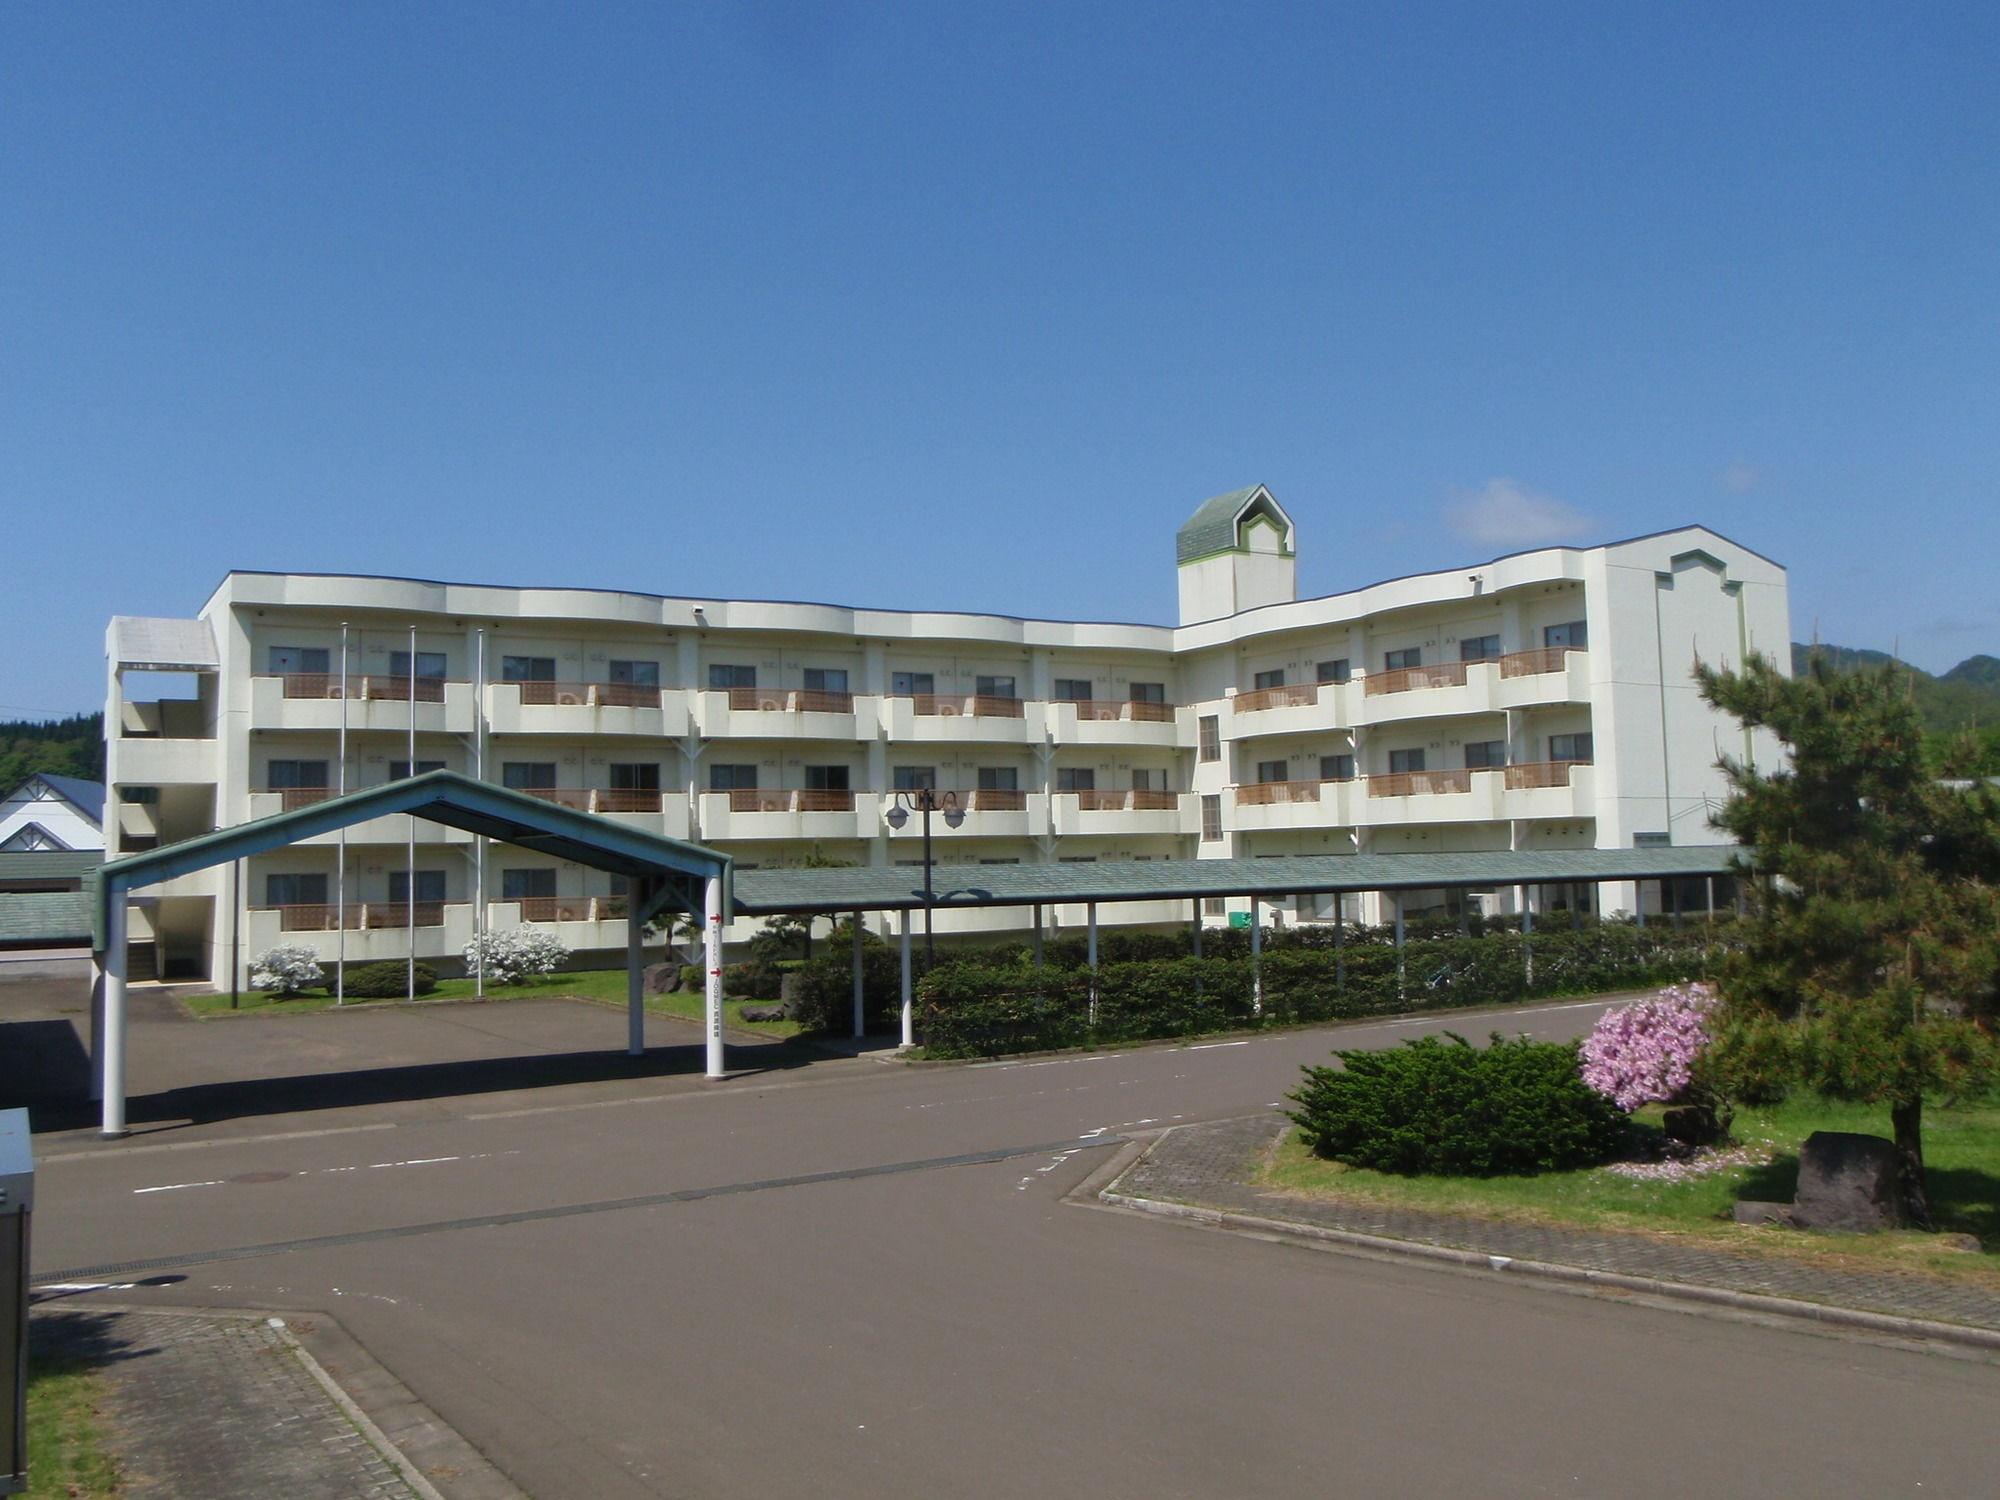 โรงแรมโคซากะ โกลด์ พาเลซ